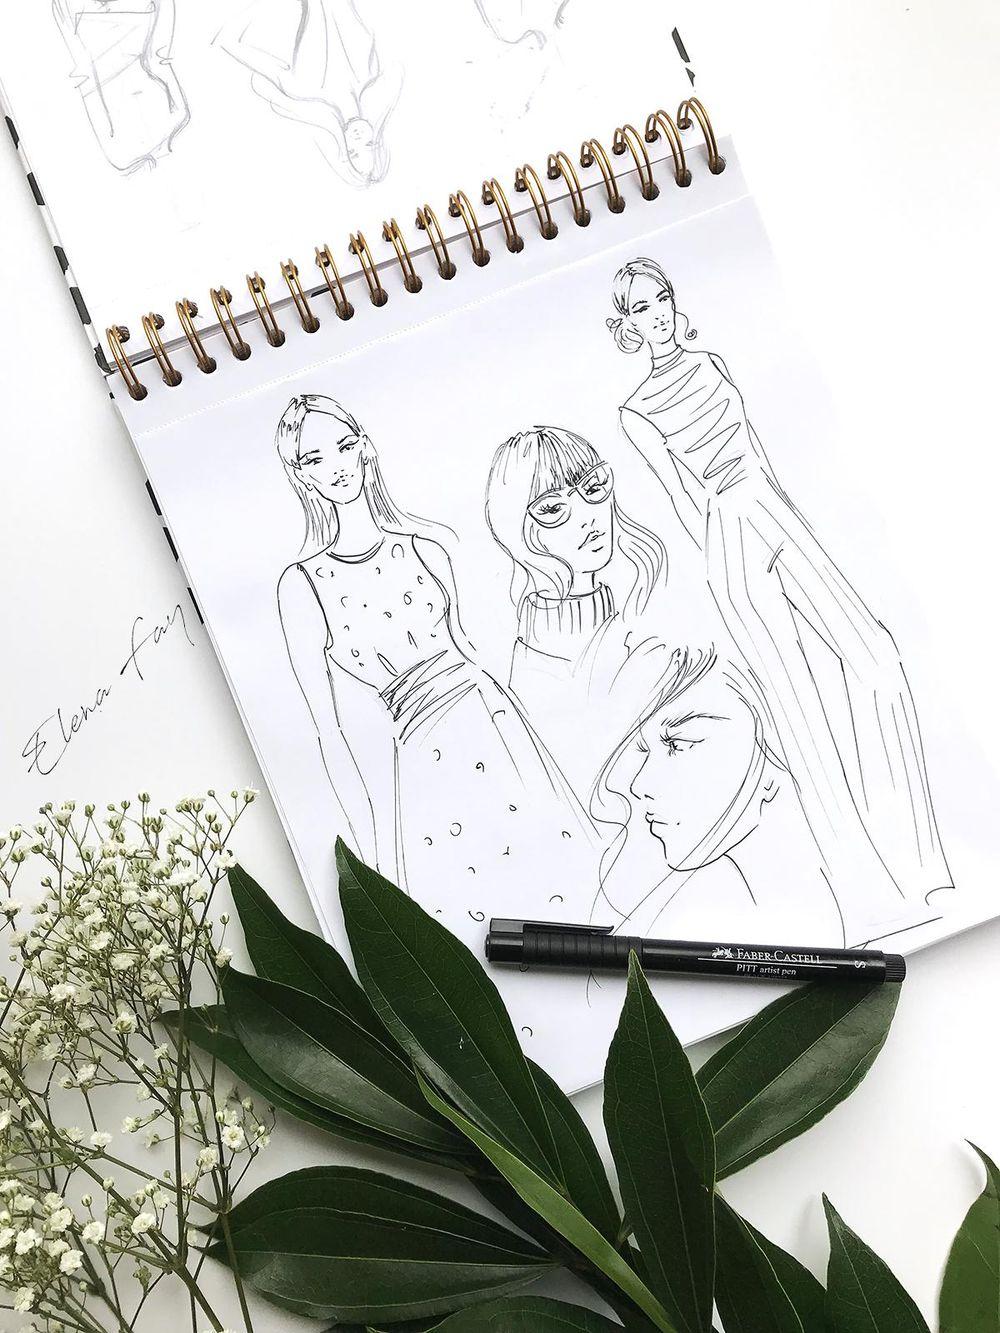 Sketchbook - image 1 - student project